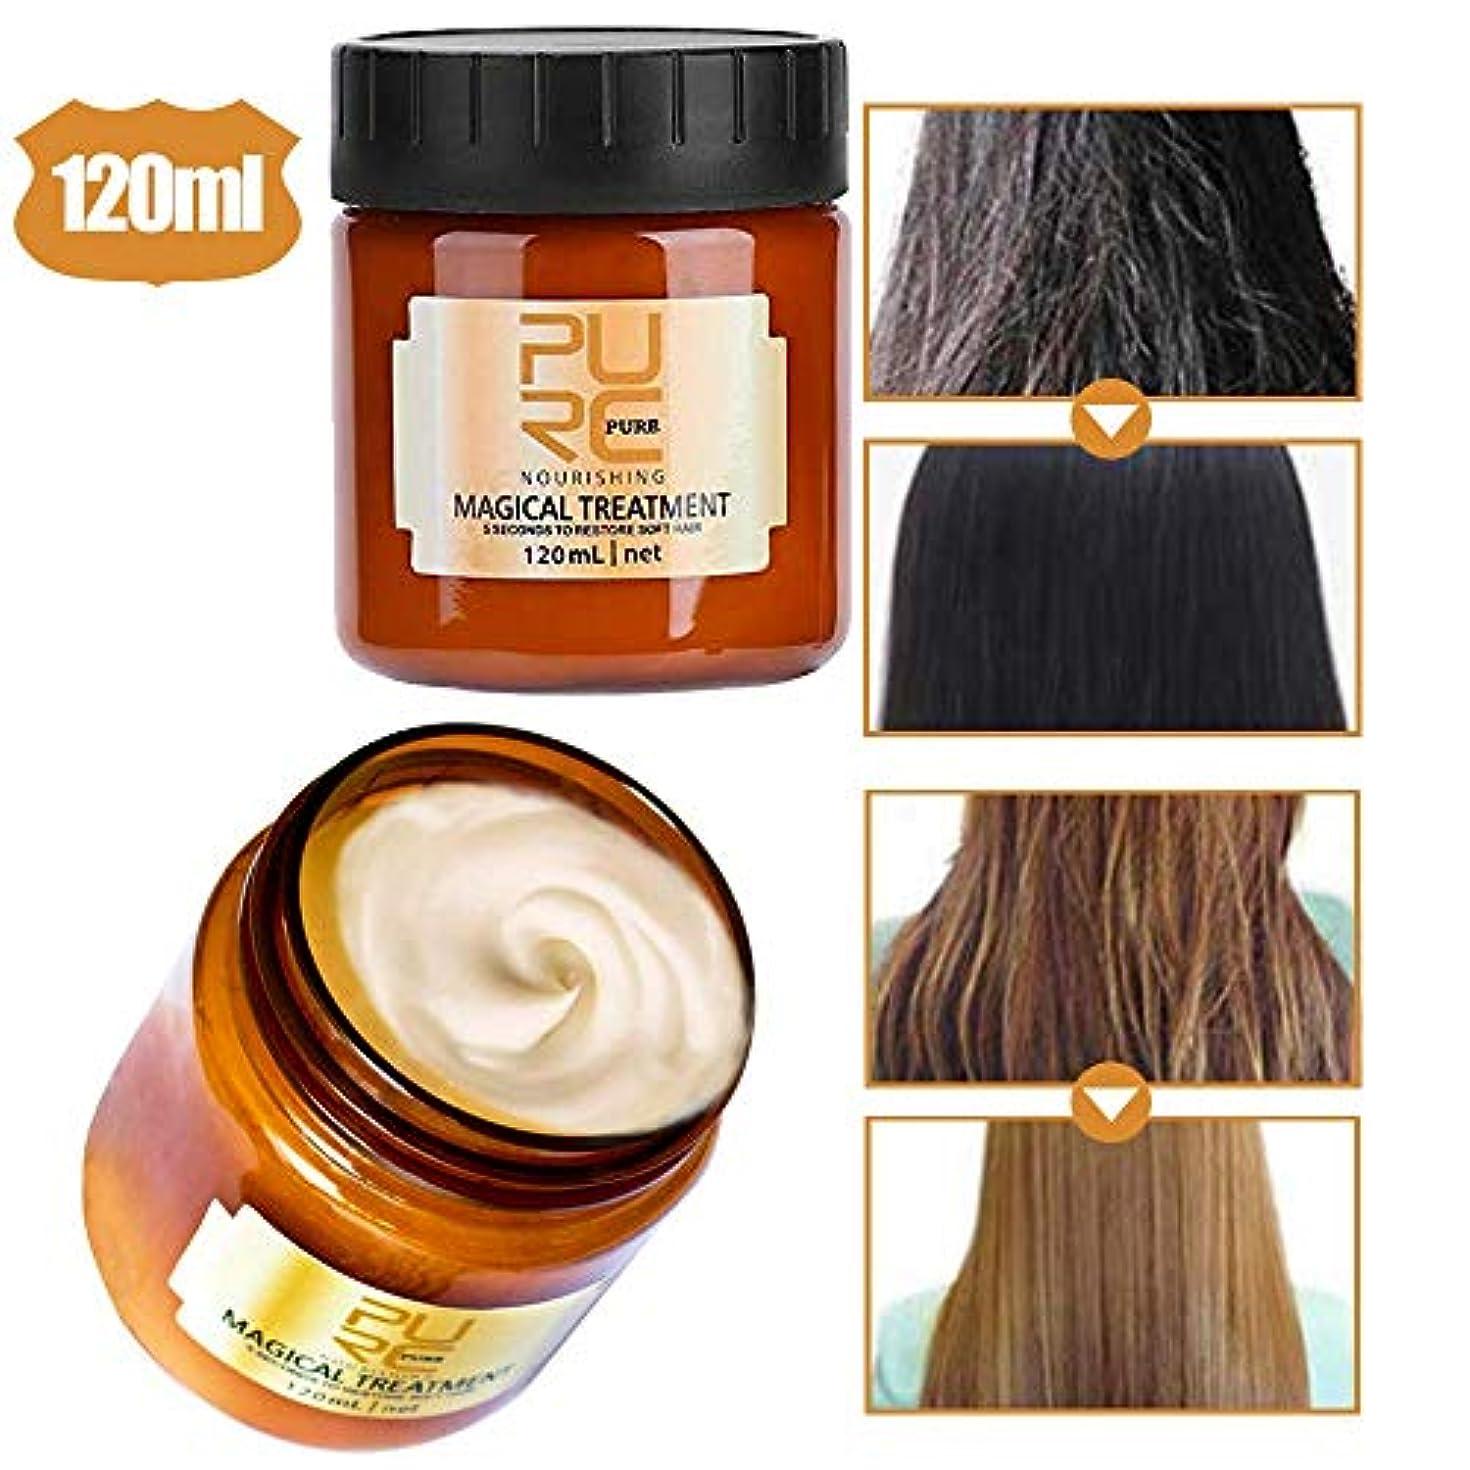 物足りない暴露する適度にOdette 2019 ヘアケアエッセンスルートトリートメント乾燥した髪を改善躁髪質を改善し、健康的で柔らかい髪を回復する栄養ケアを達成効果的で便利なヘアケアクリーム (120ml) (1pcs)